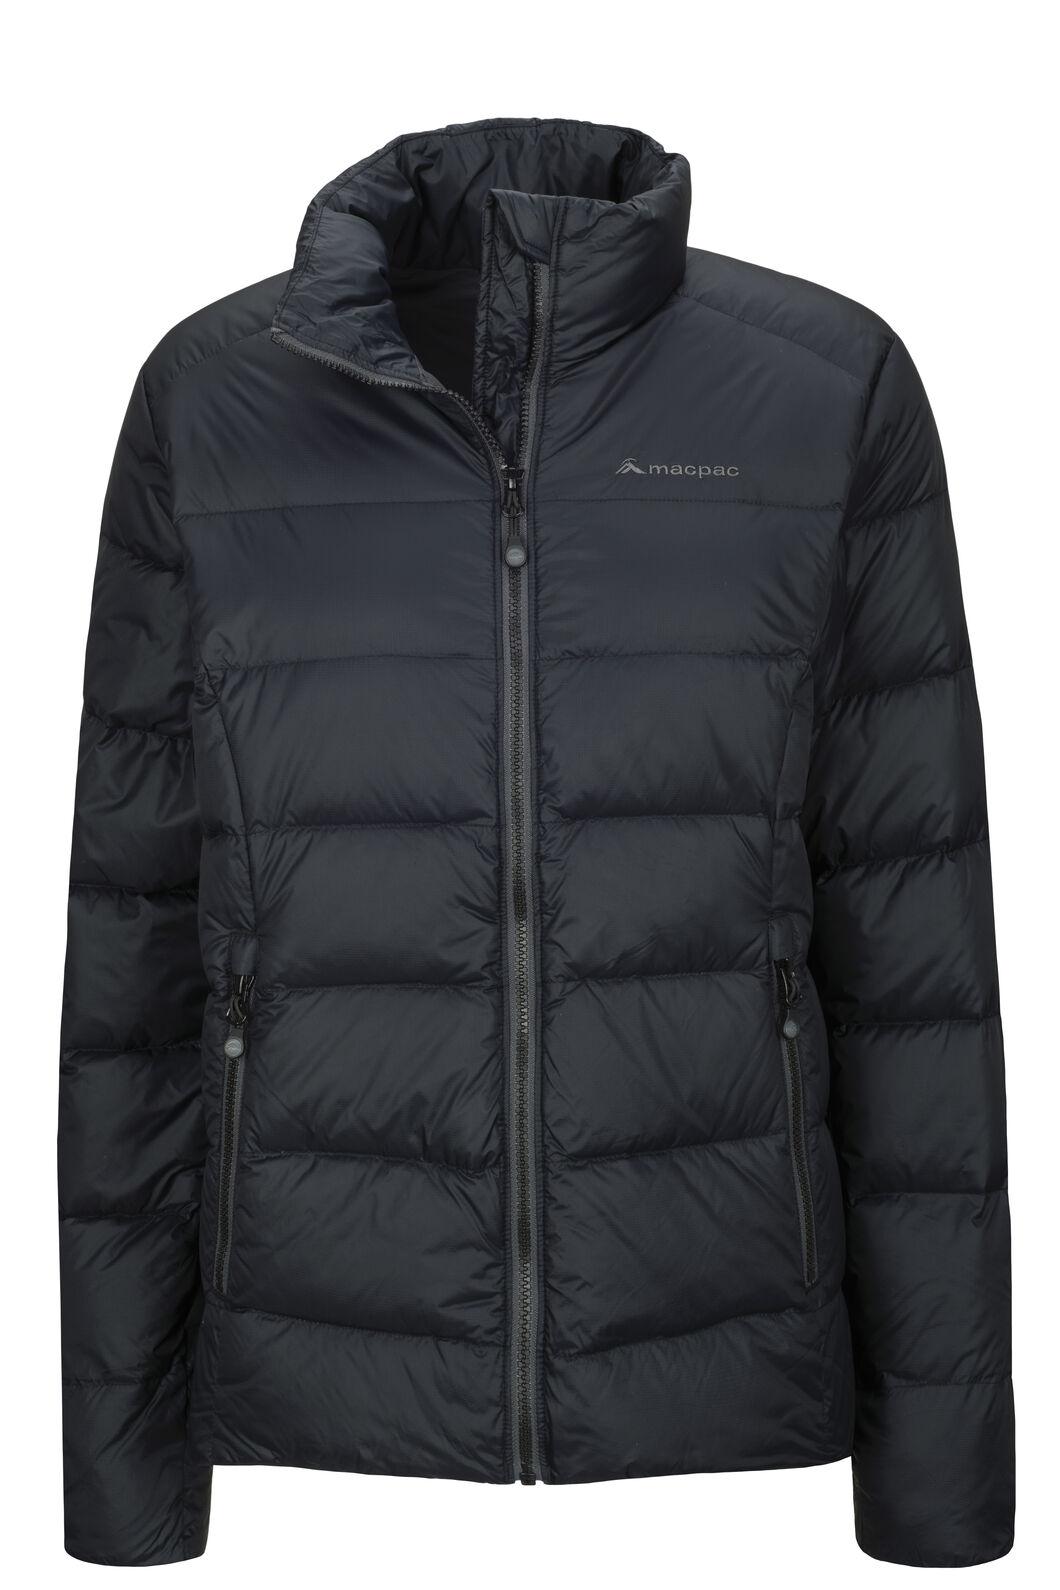 Macpac Sundowner HyperDRY™ Down Jacket — Women's, Black, hi-res